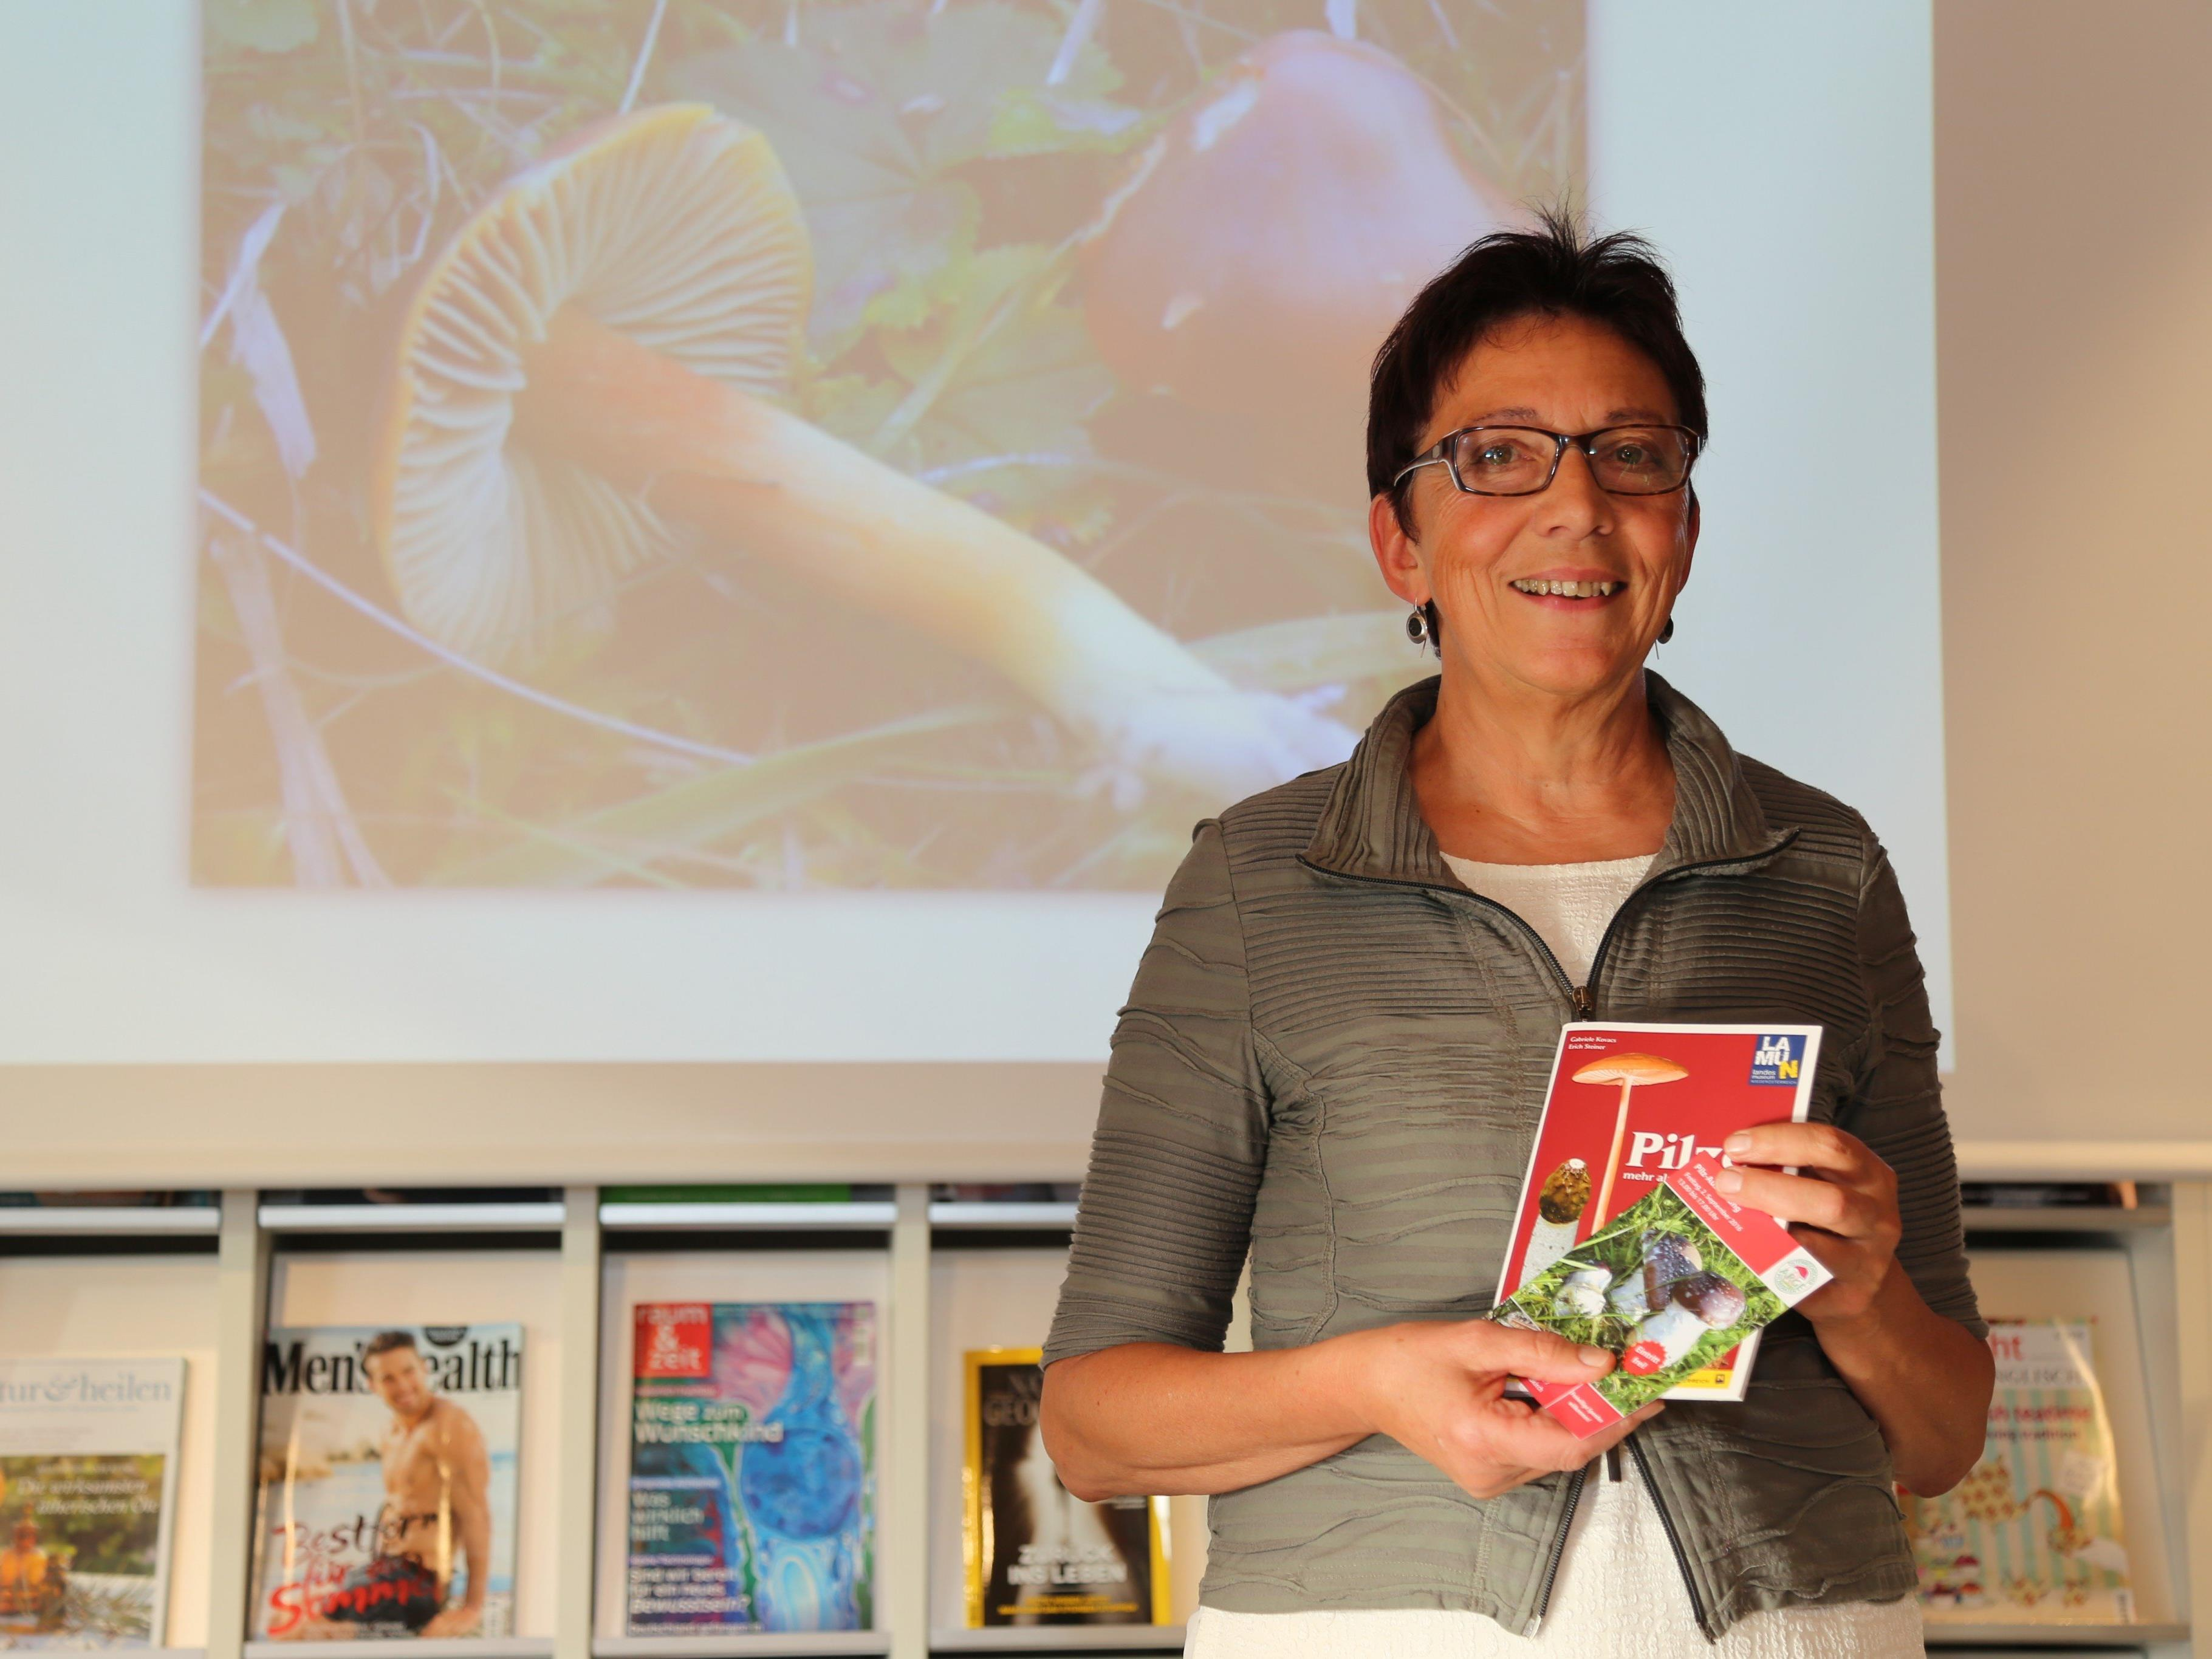 Die Göfnerin Uschi Österle ist seit 2009 Obfrau des Pilzkundlichen Vereins Vorarlberg.